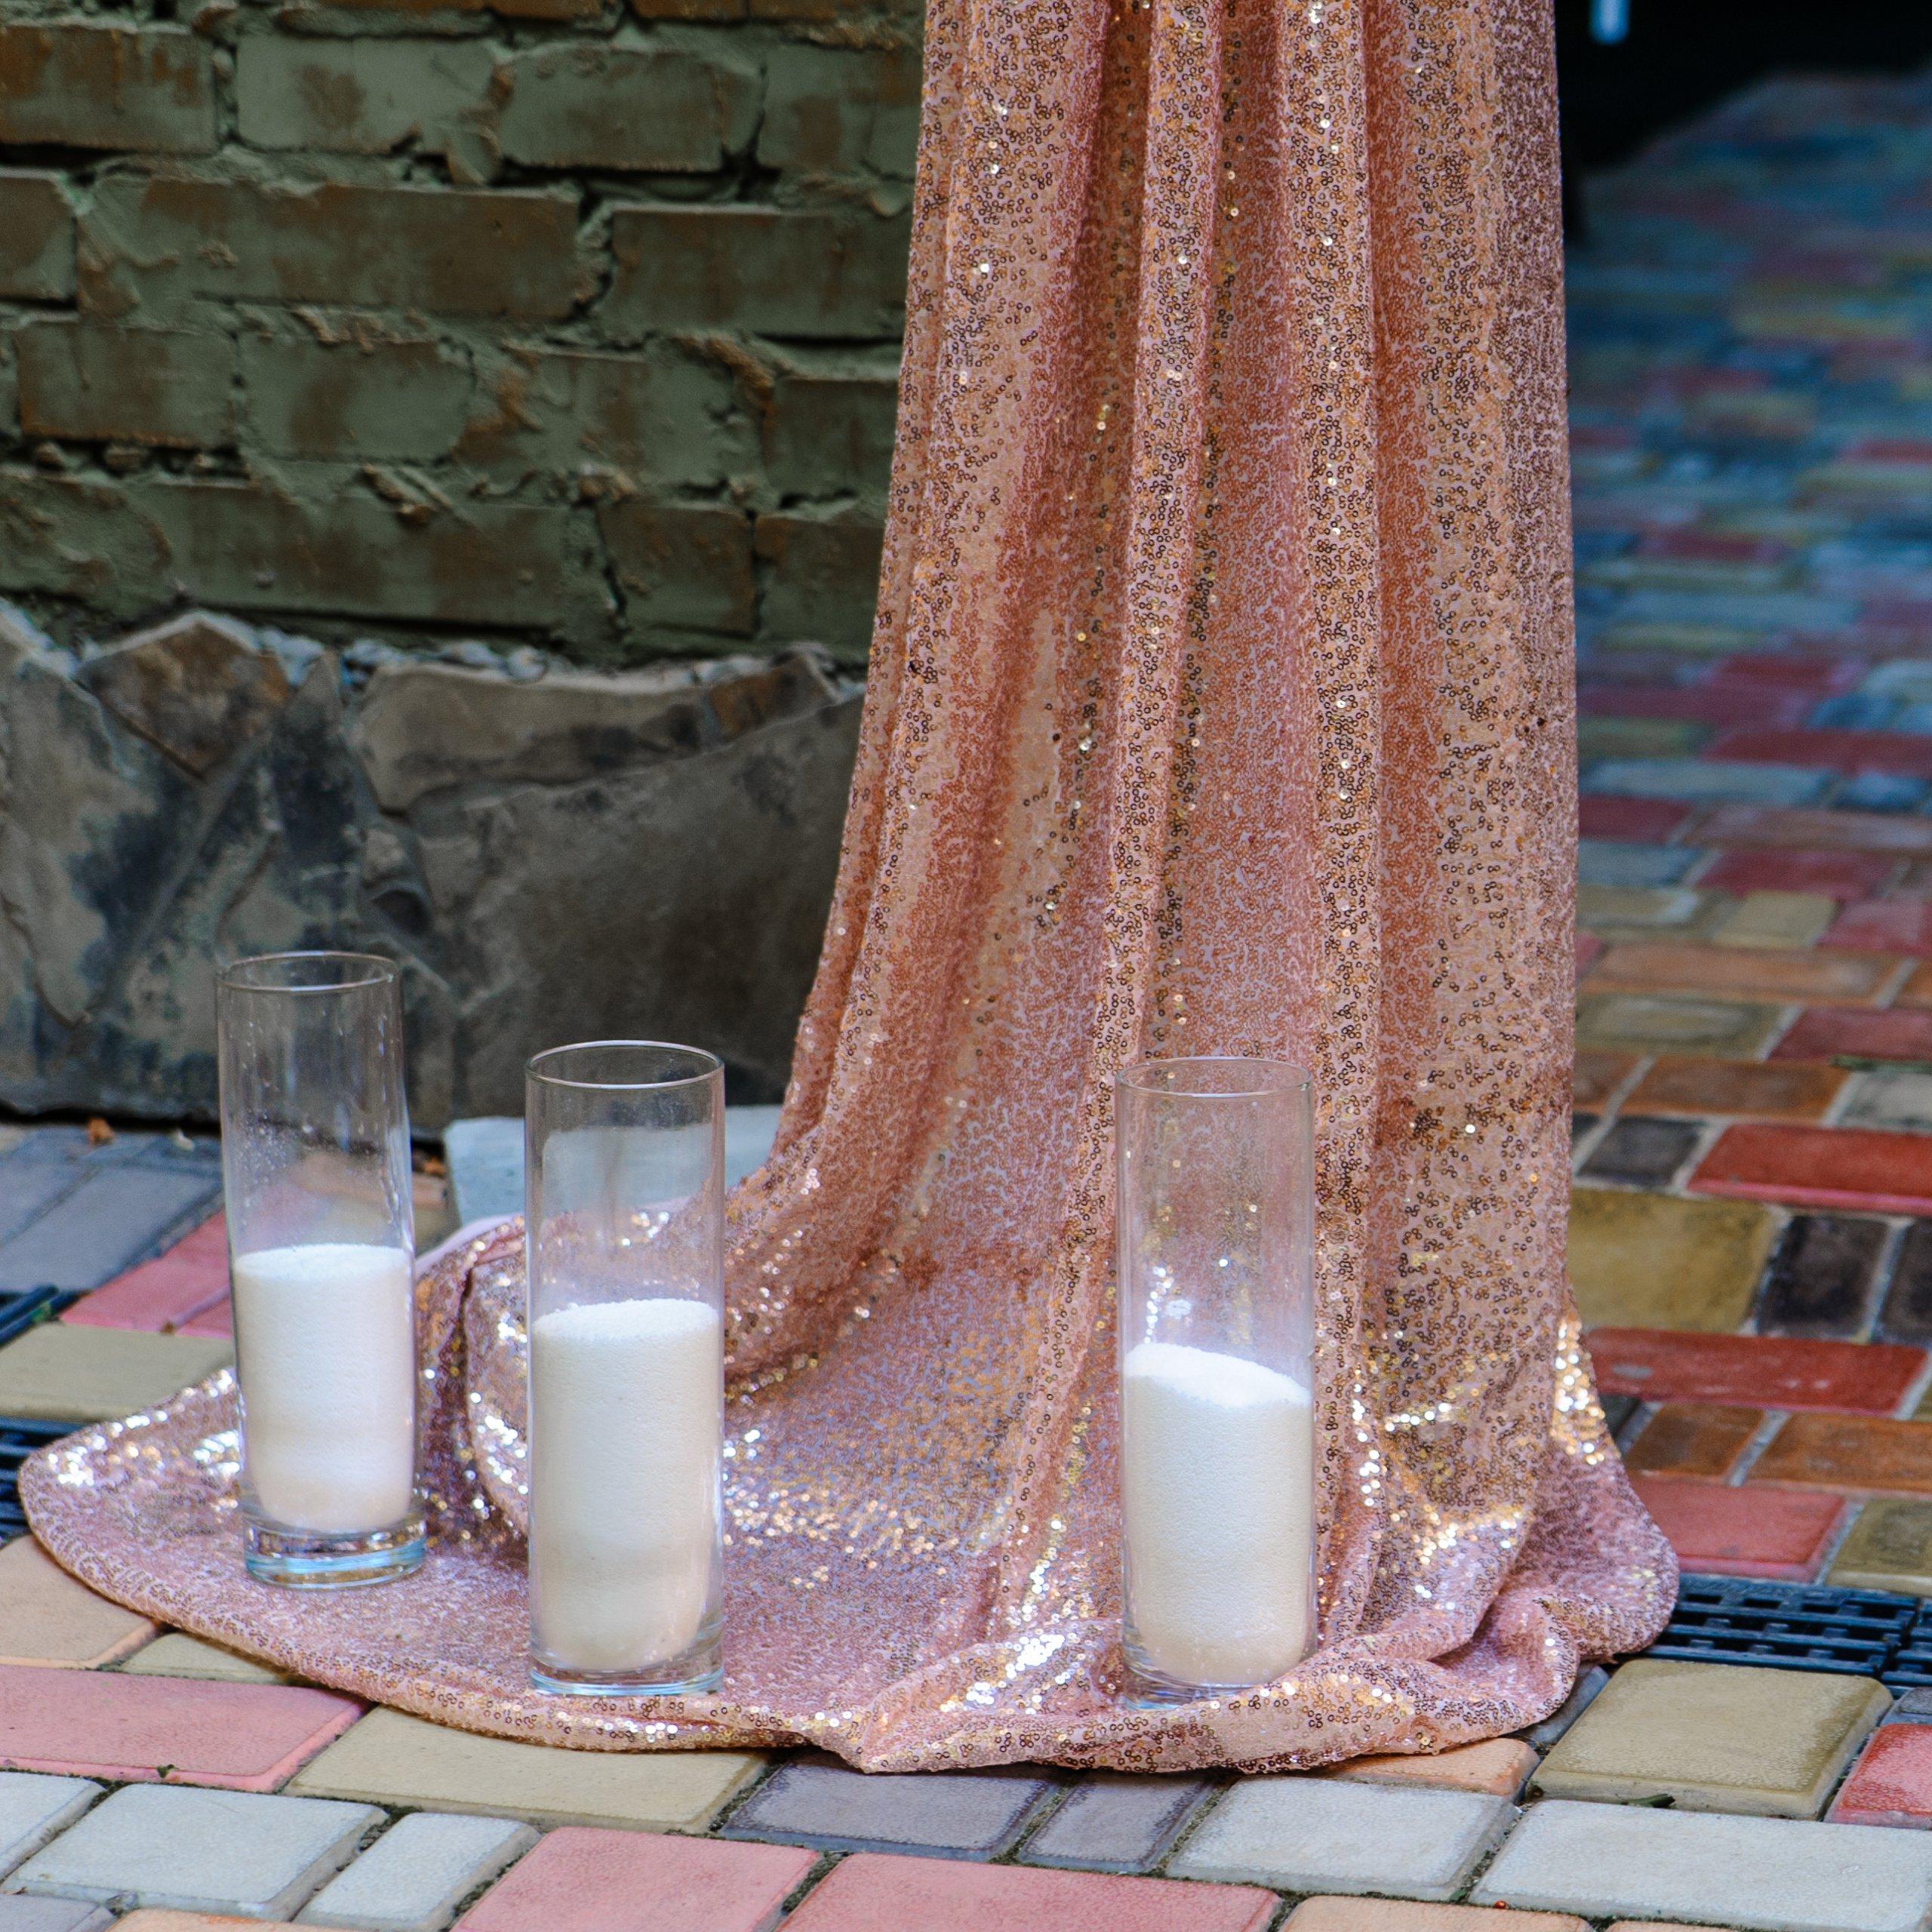 Колбы с насыпными свечами и пайеточная ткань украсили арку.